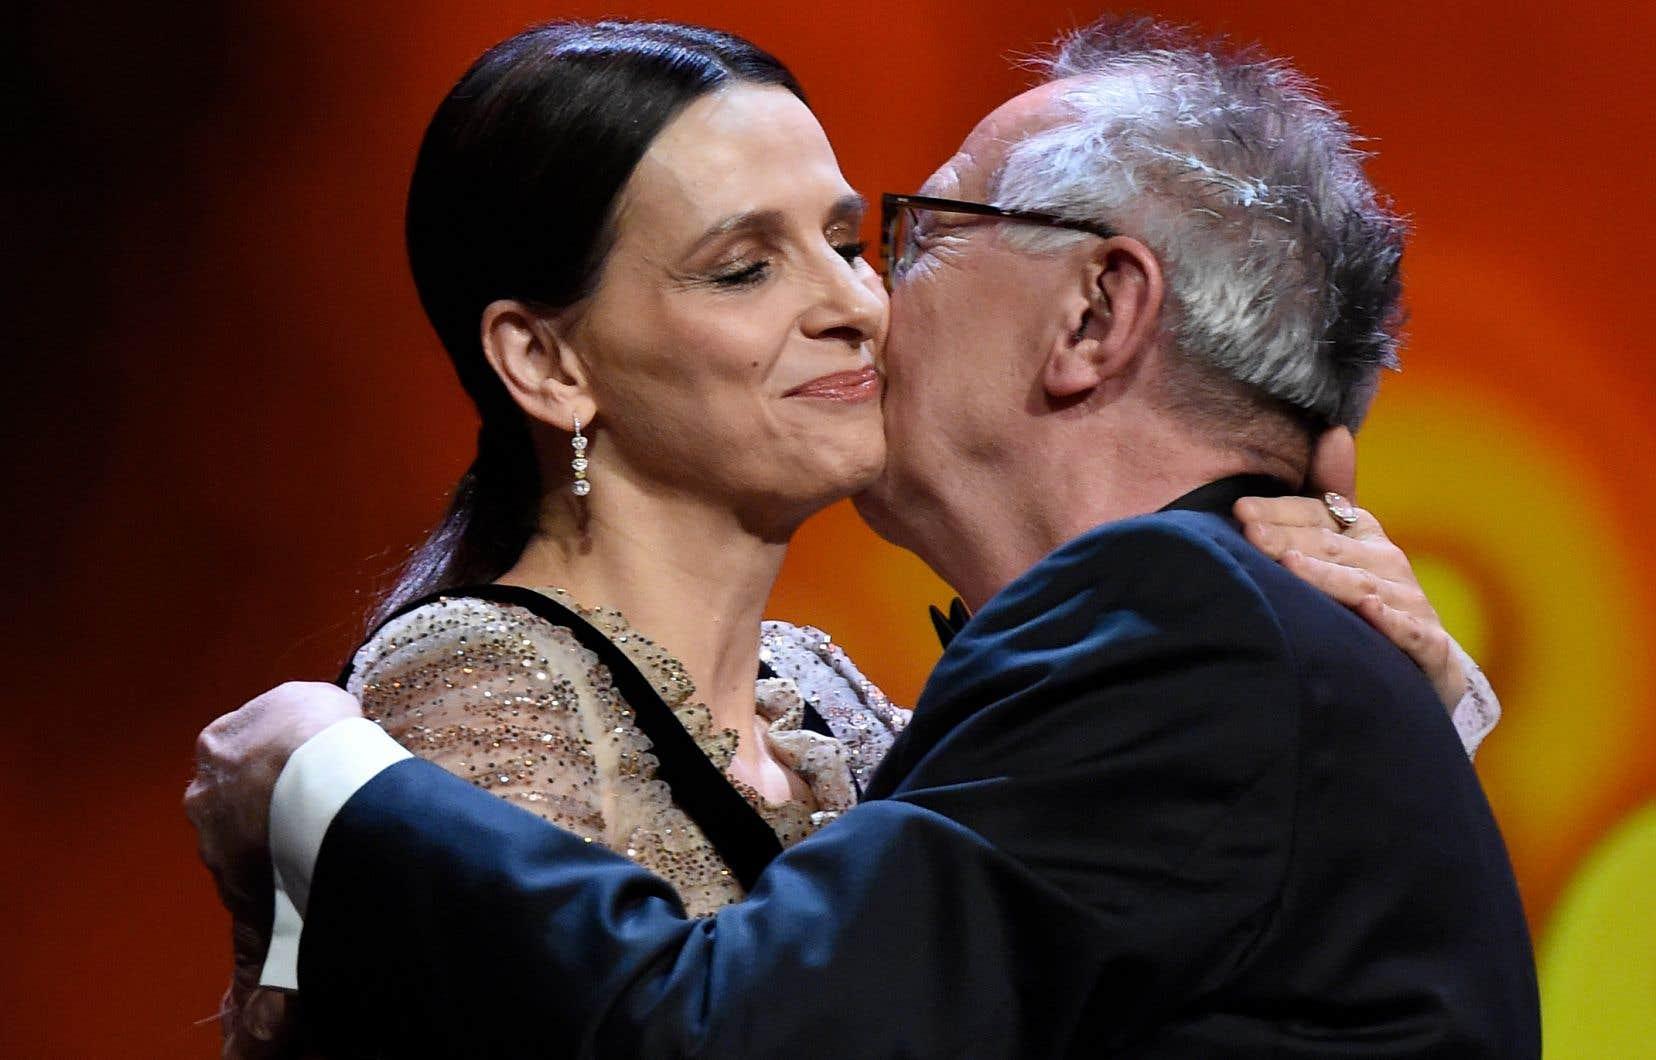 Juliette Binoche, présidente de la 69e Berlinale, reçoit l'accolade du directeur général du festival, Dieter Kosslick, à l'occasion de la soirée d'ouverture.